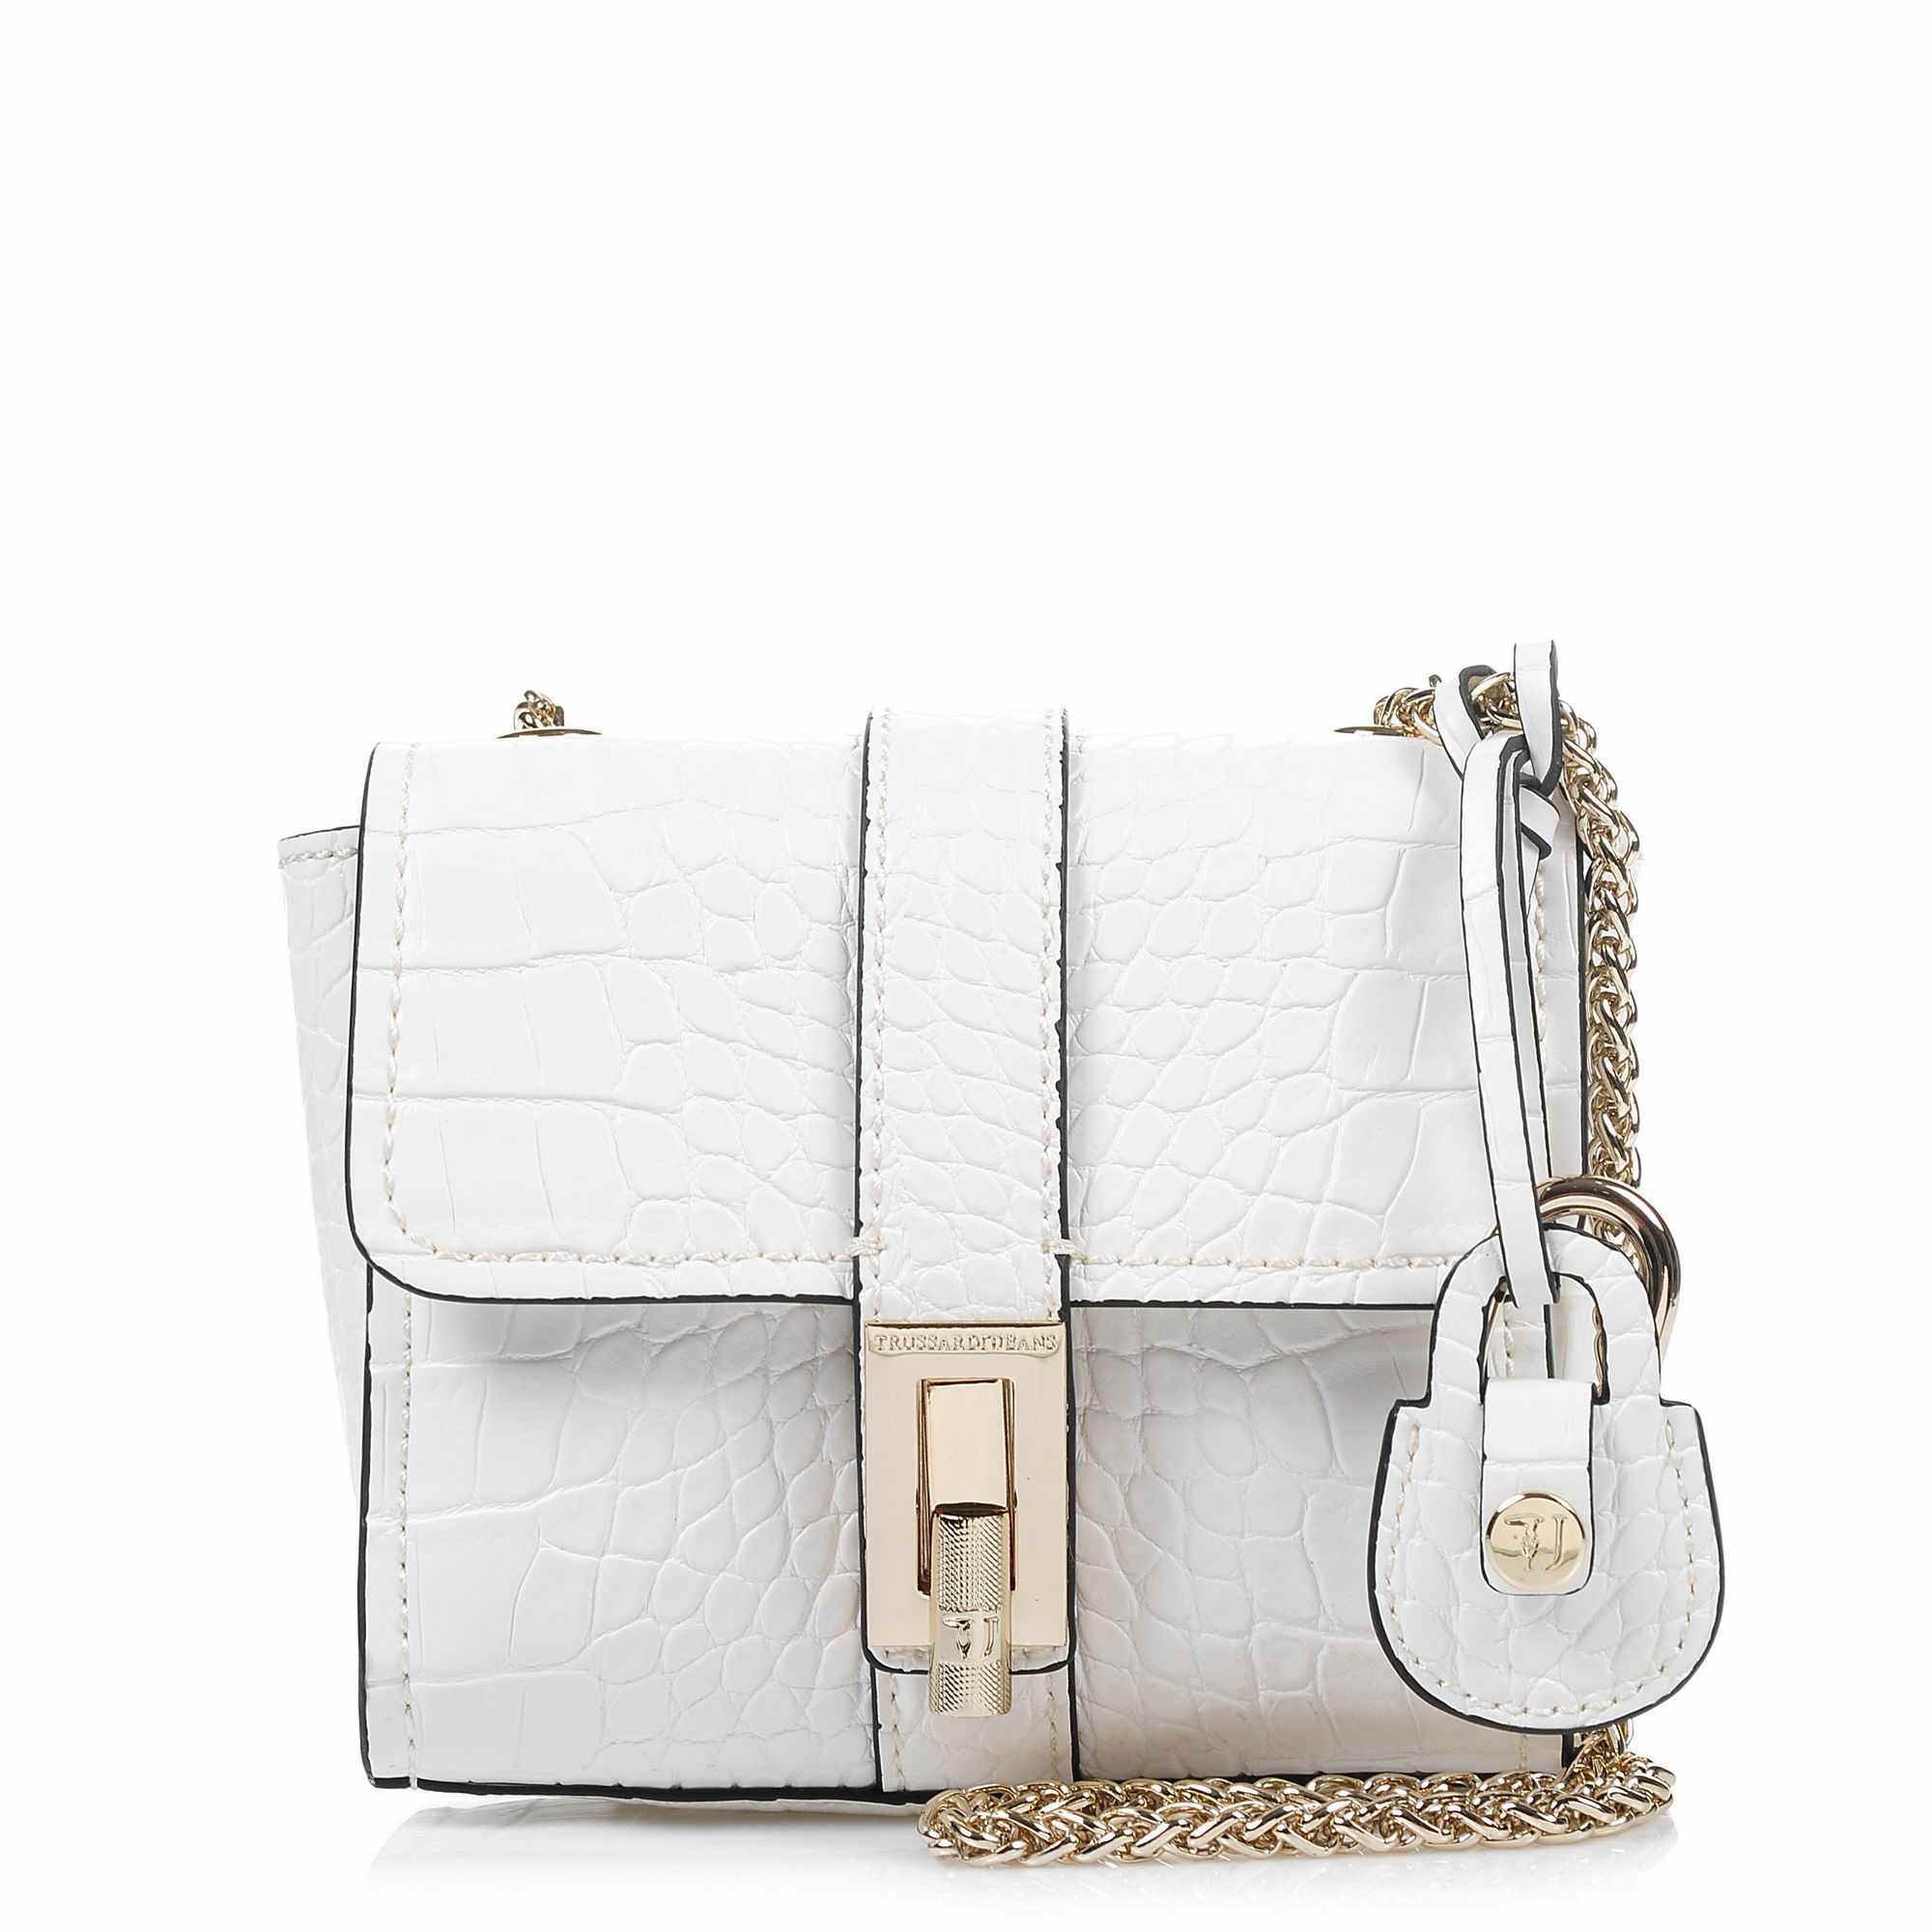 Αμπιγιέ Trussardi Jeans Suzanne Ecoleather Cocco Printed Mini Bag 75B00163 γυναικα   γυναικεία τσάντα